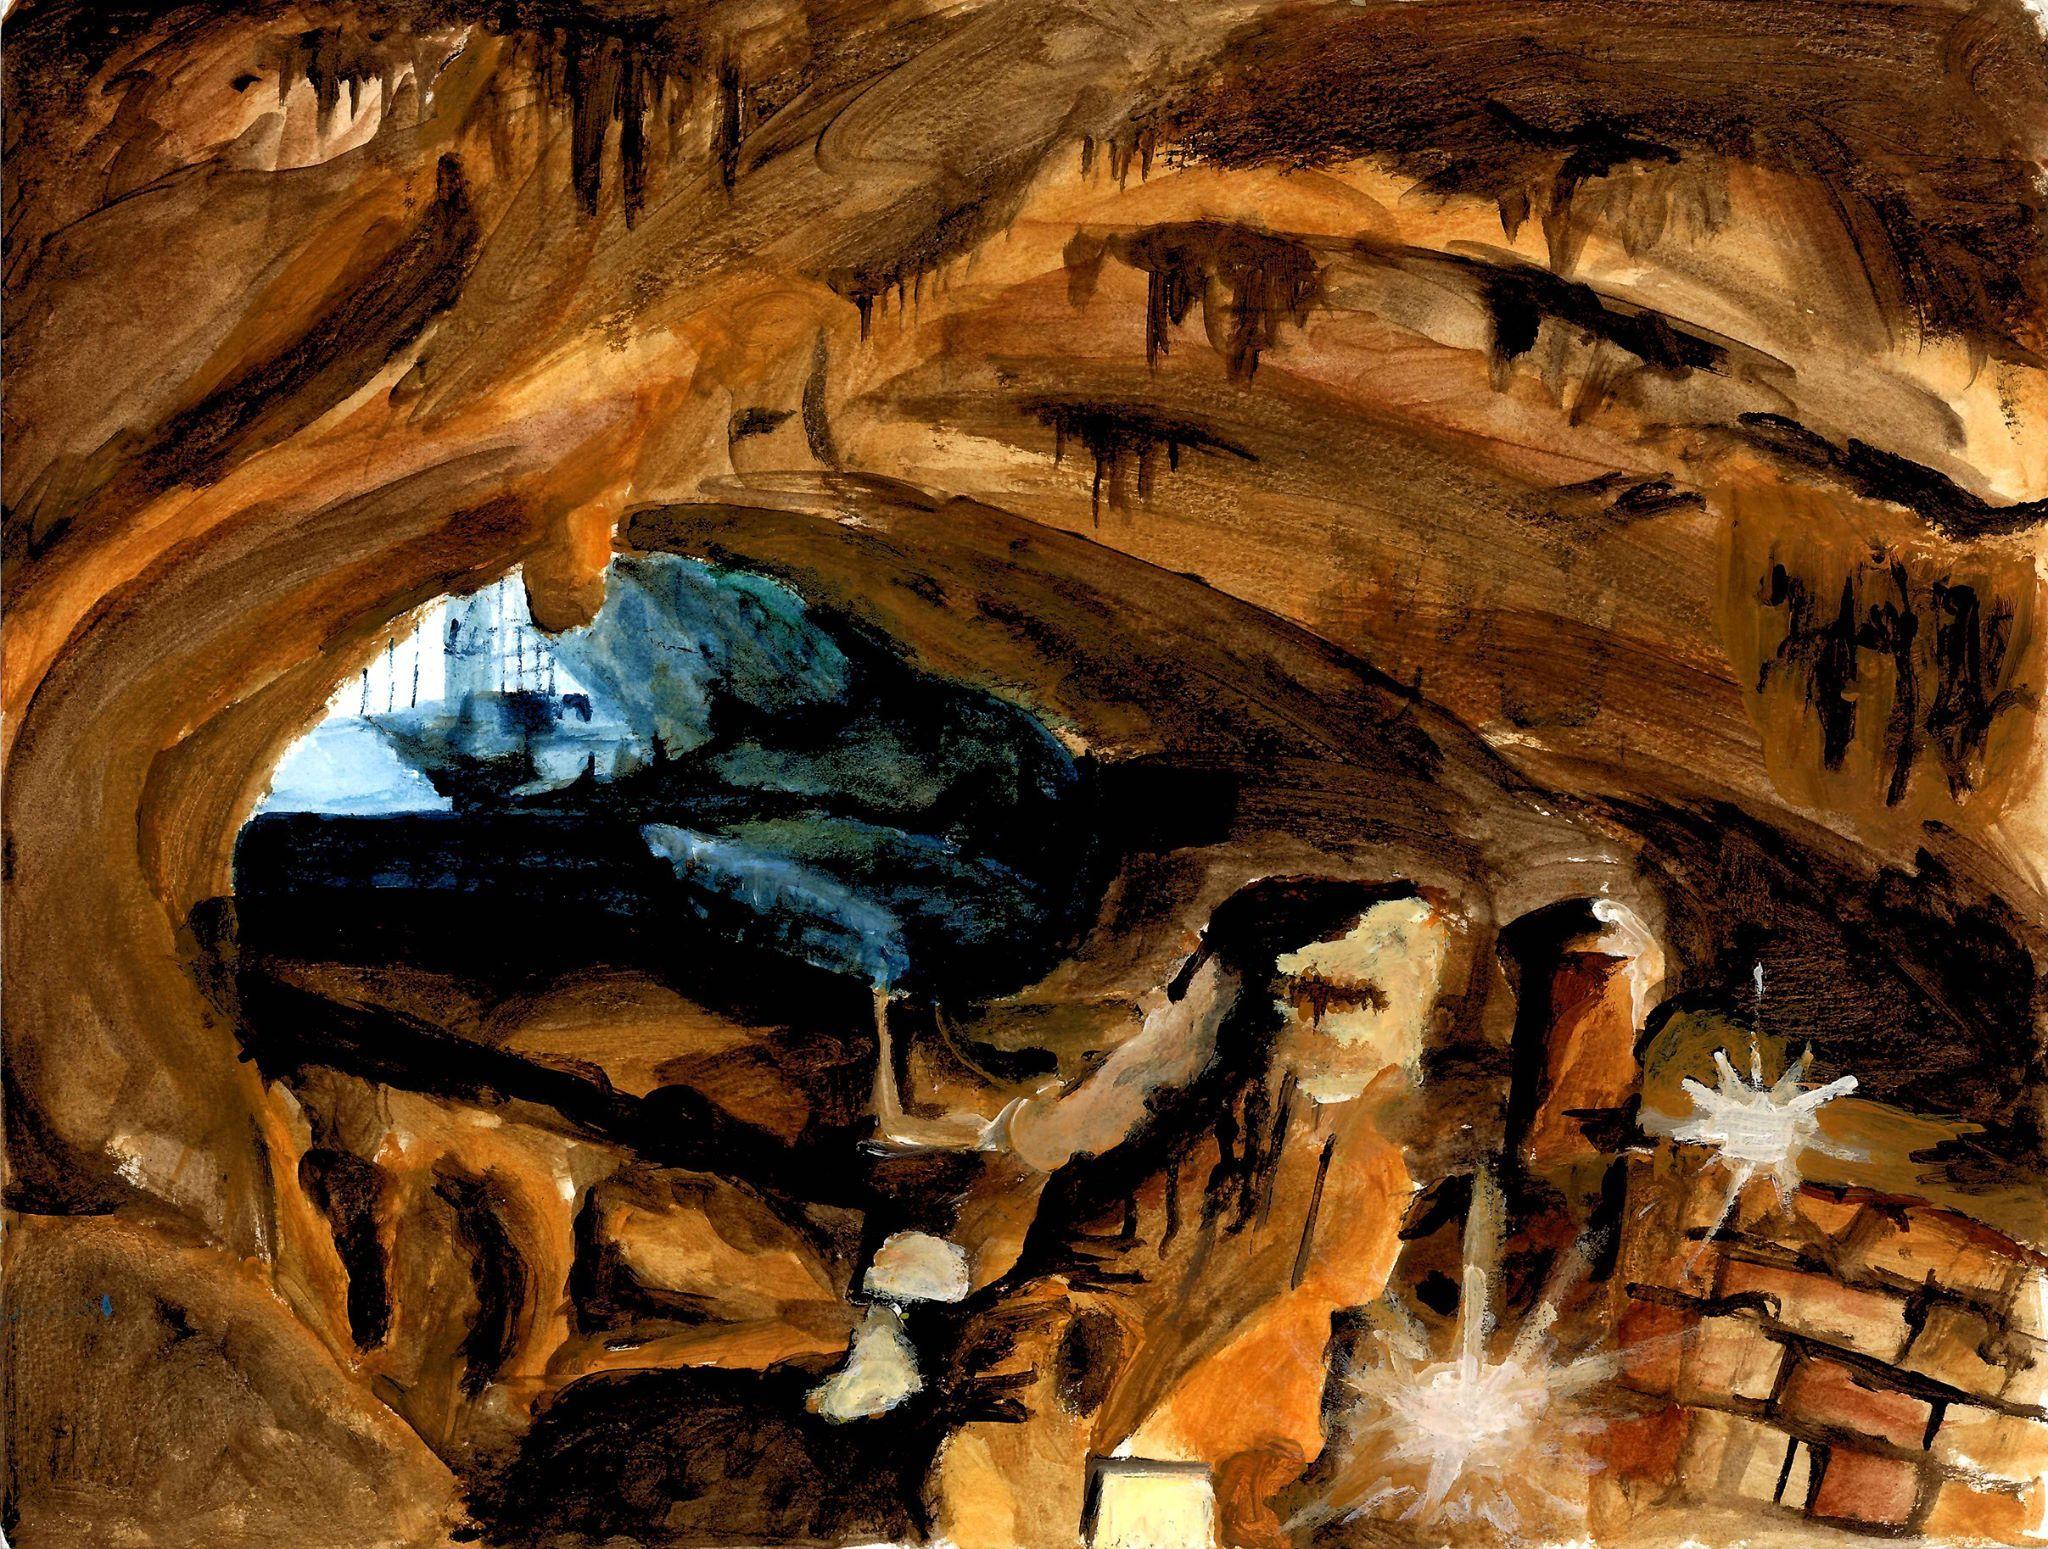 Ghar Dalam_Grotta dell'oscurità